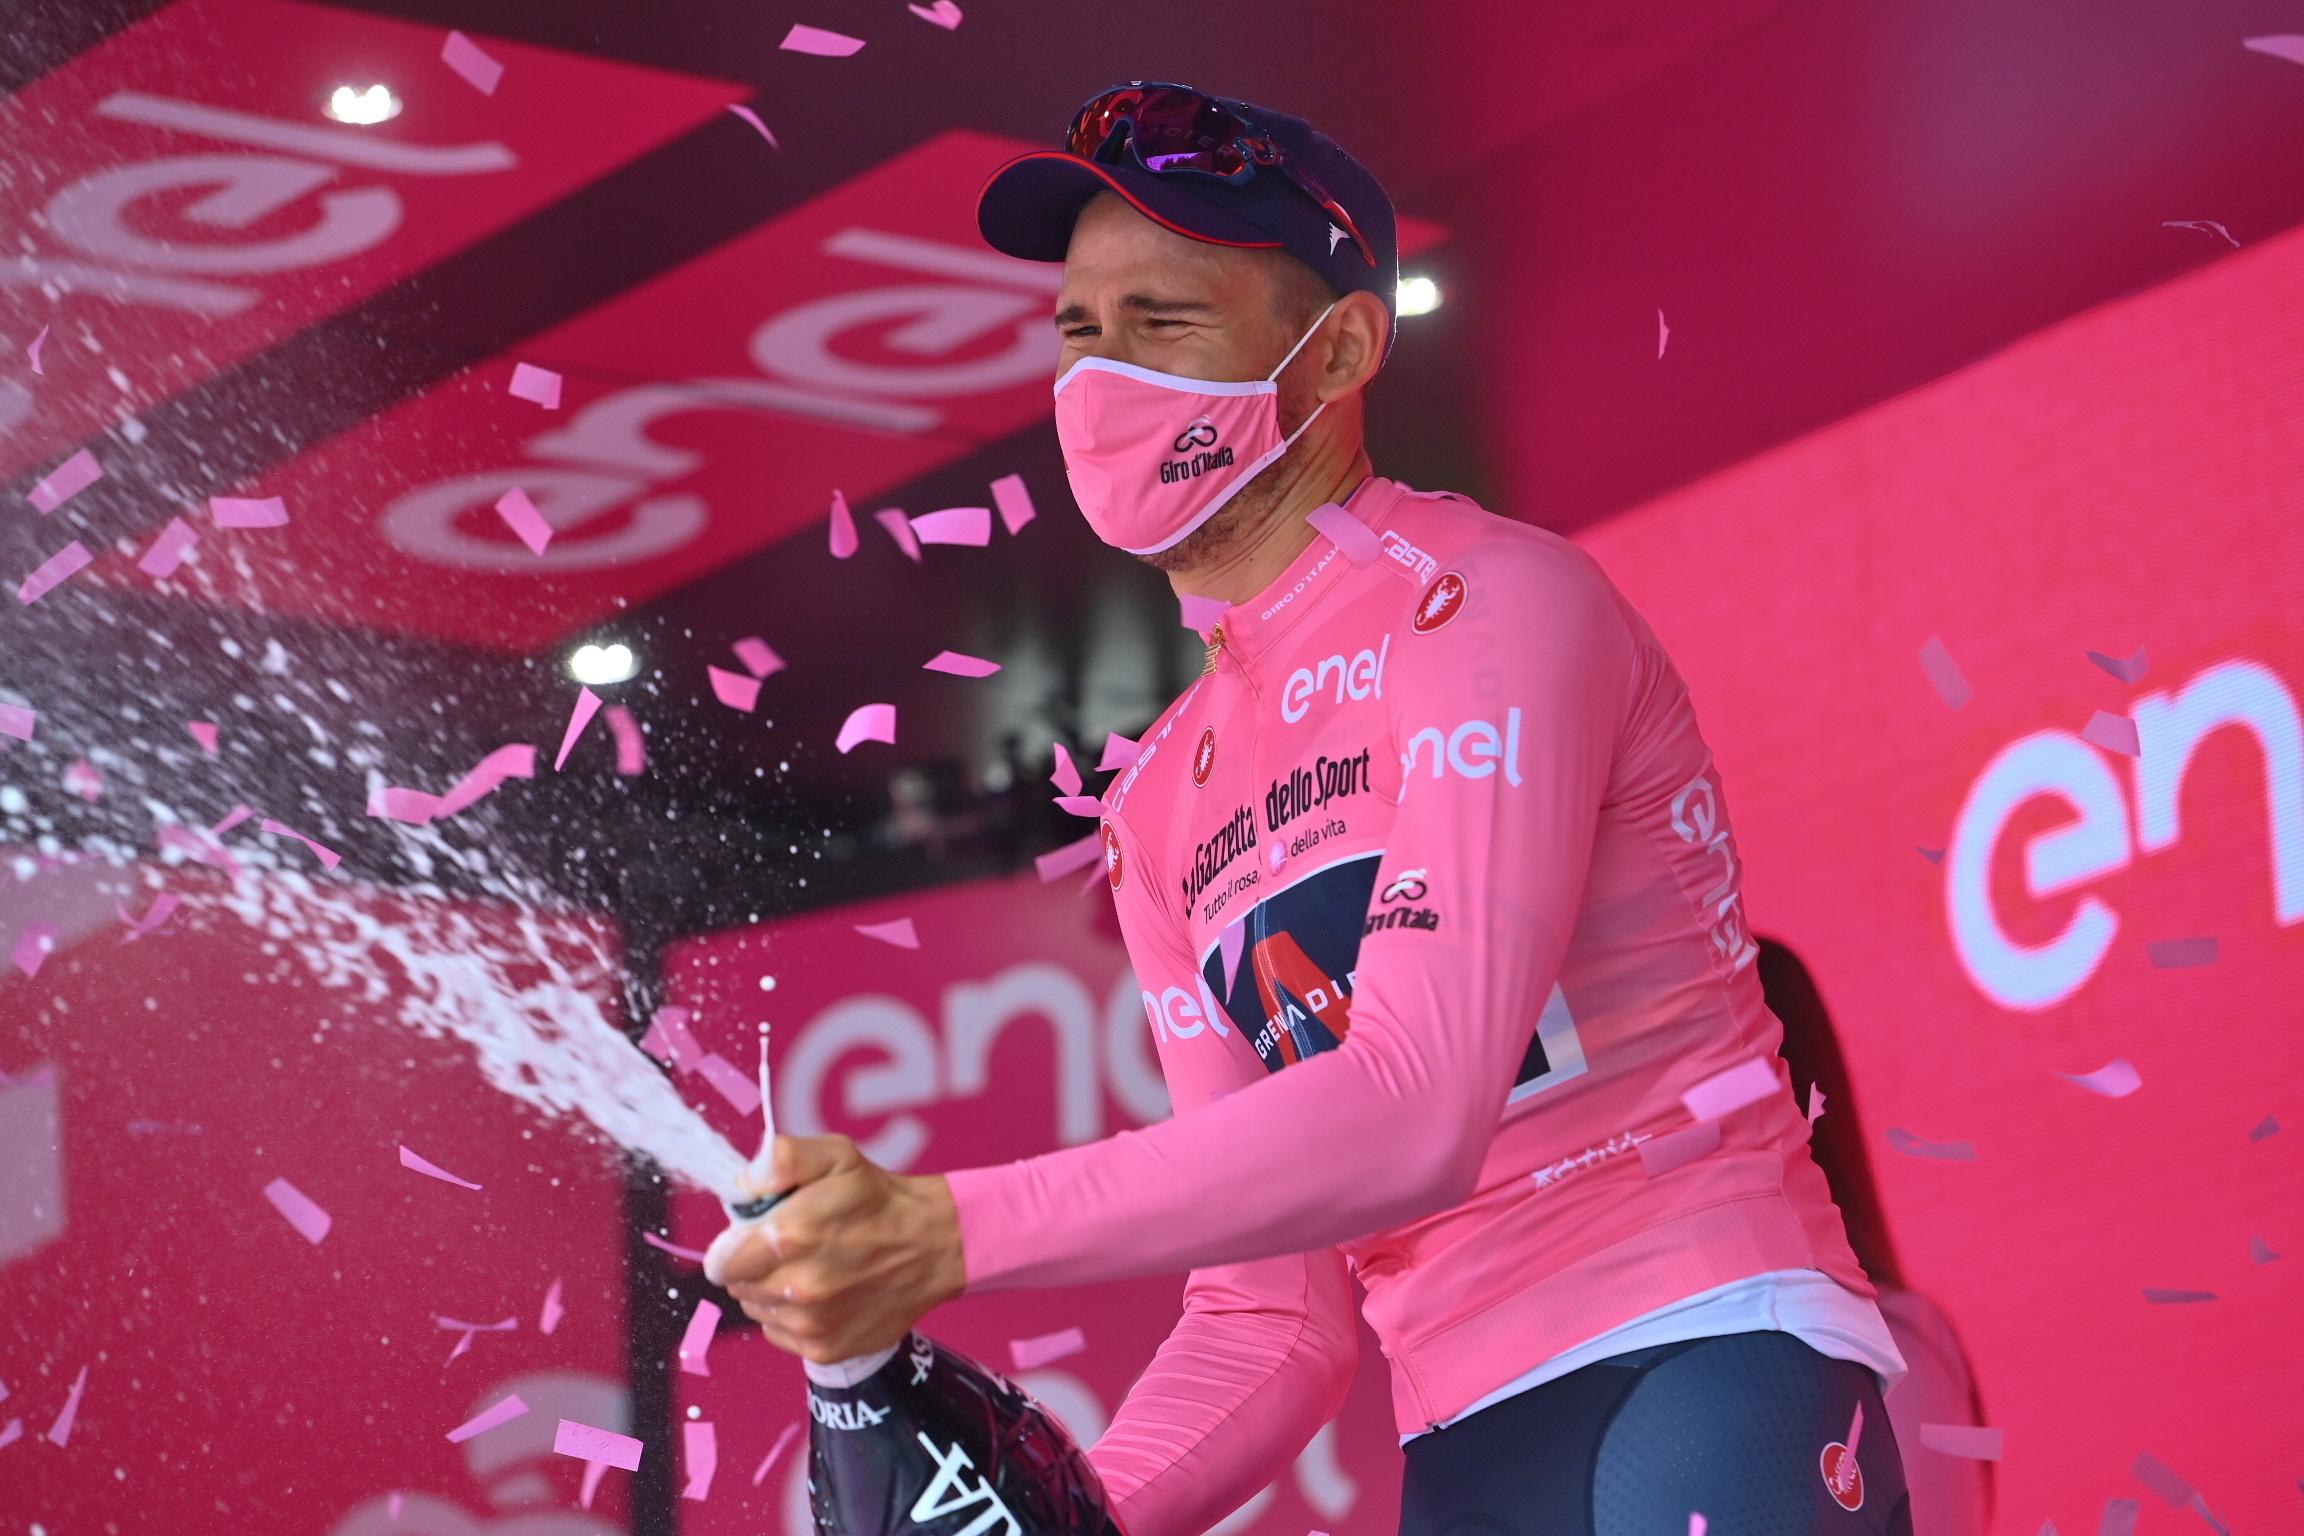 Verdensmesteren i den rosa førertrøje